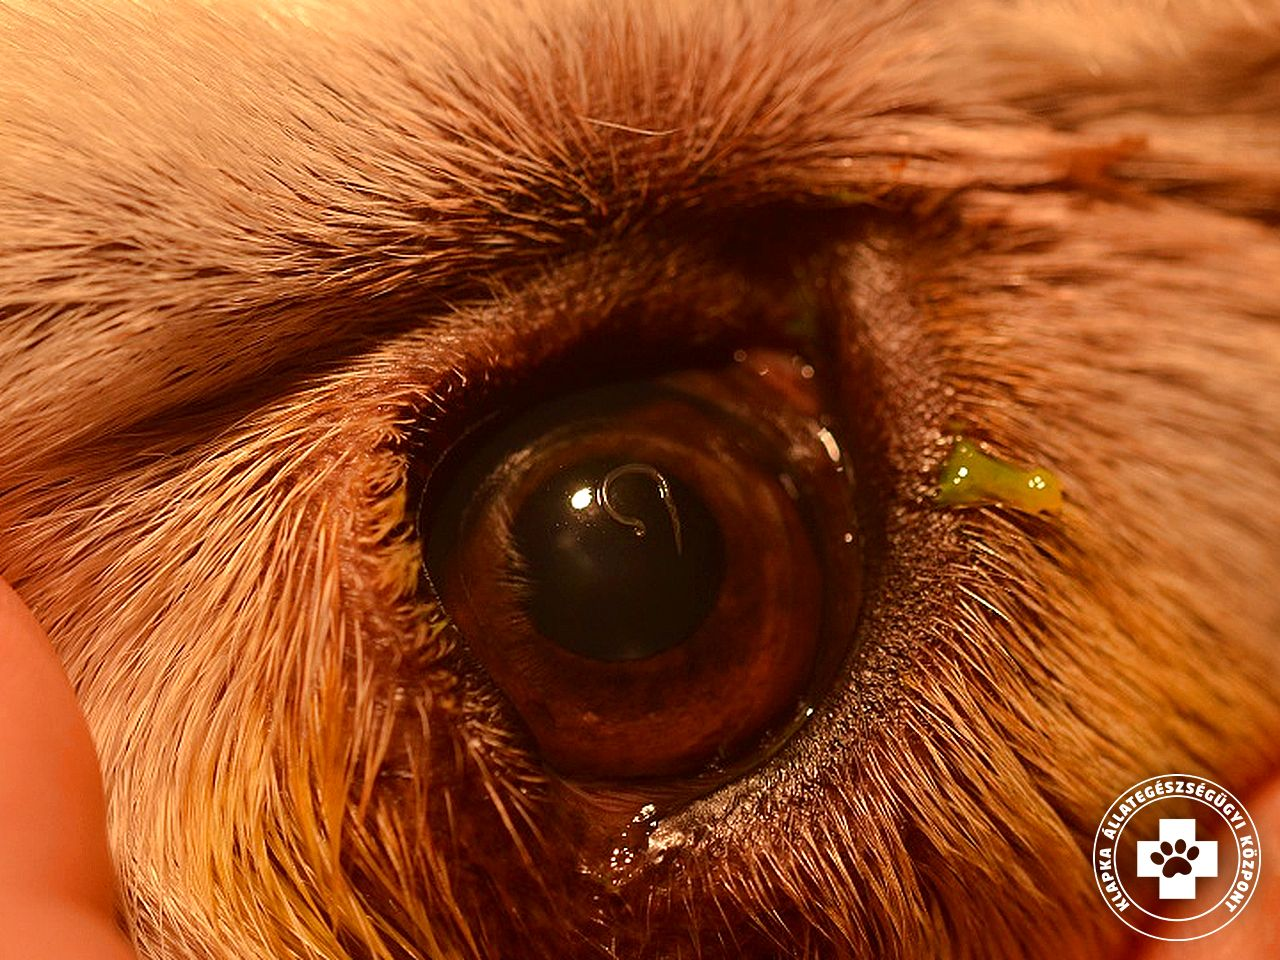 Viszkető szemhéjak - okok és betegségek, Kapcsolatba léphet a helmintákkal